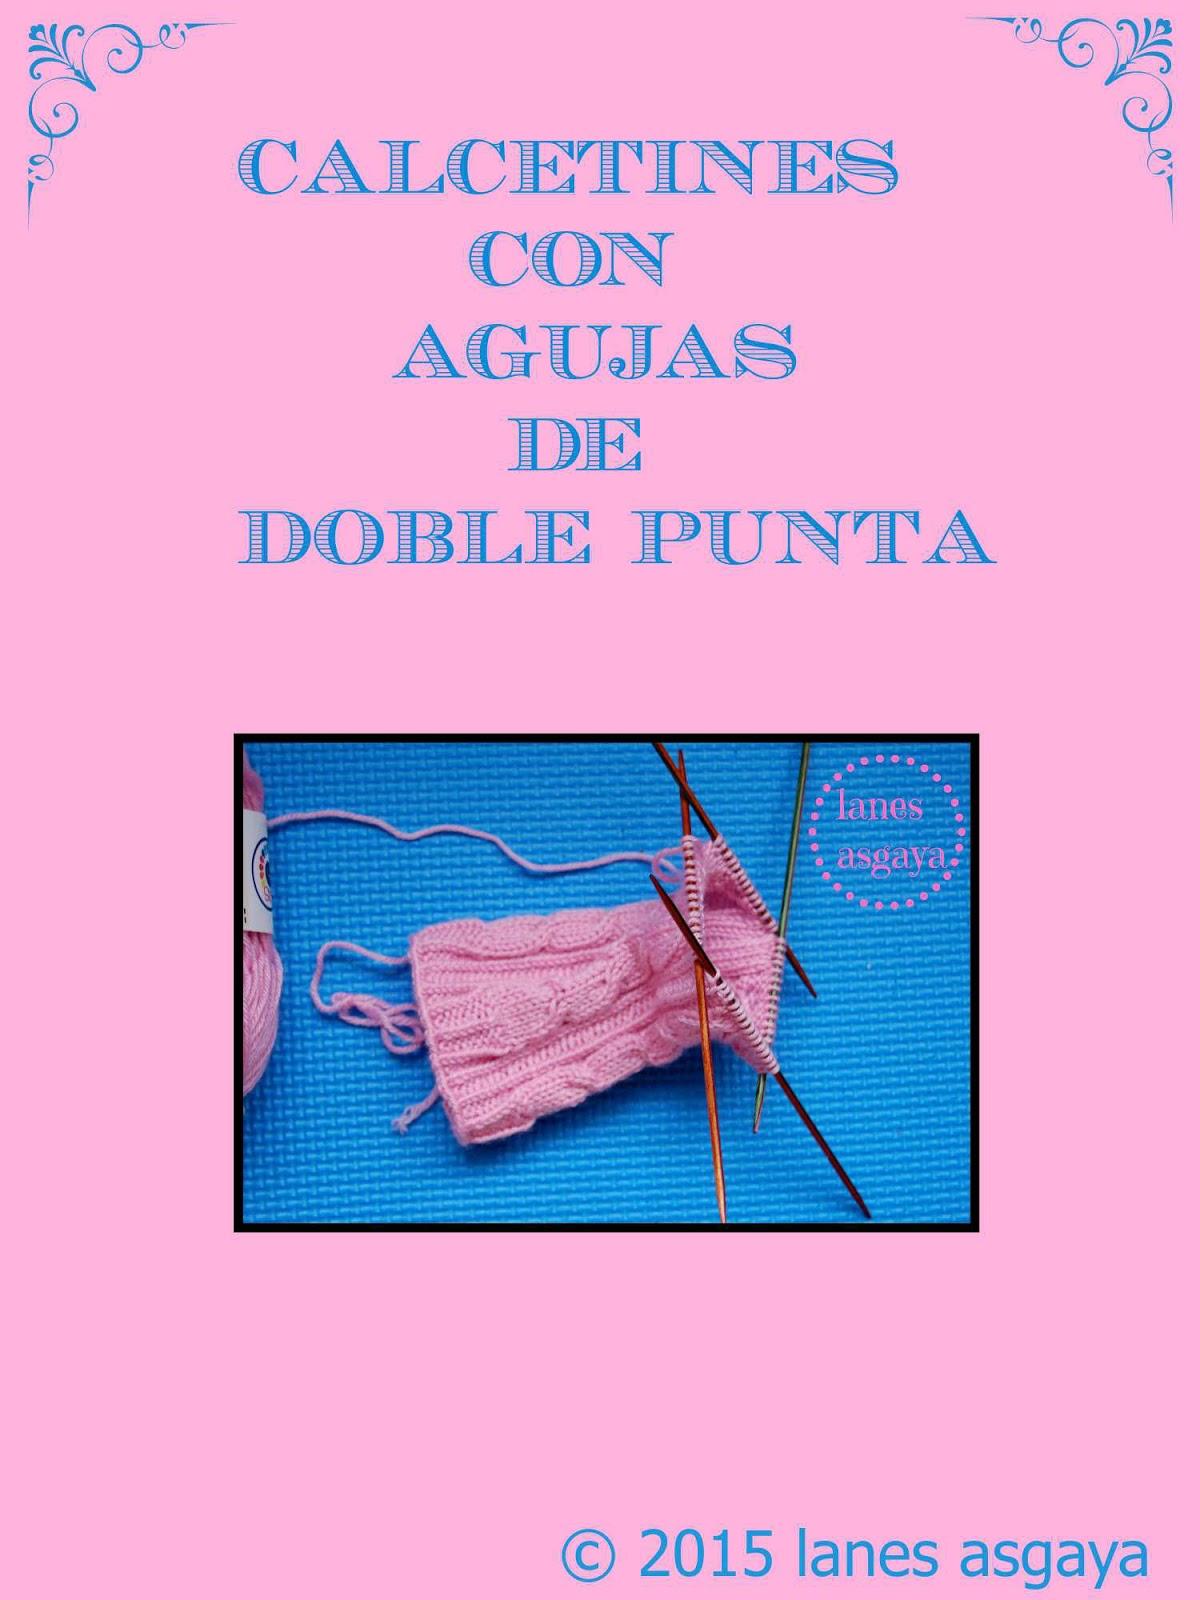 lanes asgaya: PATRÓN PARA TEJER CALCETINES CON AGUJAS DE DOBLE PUNTA